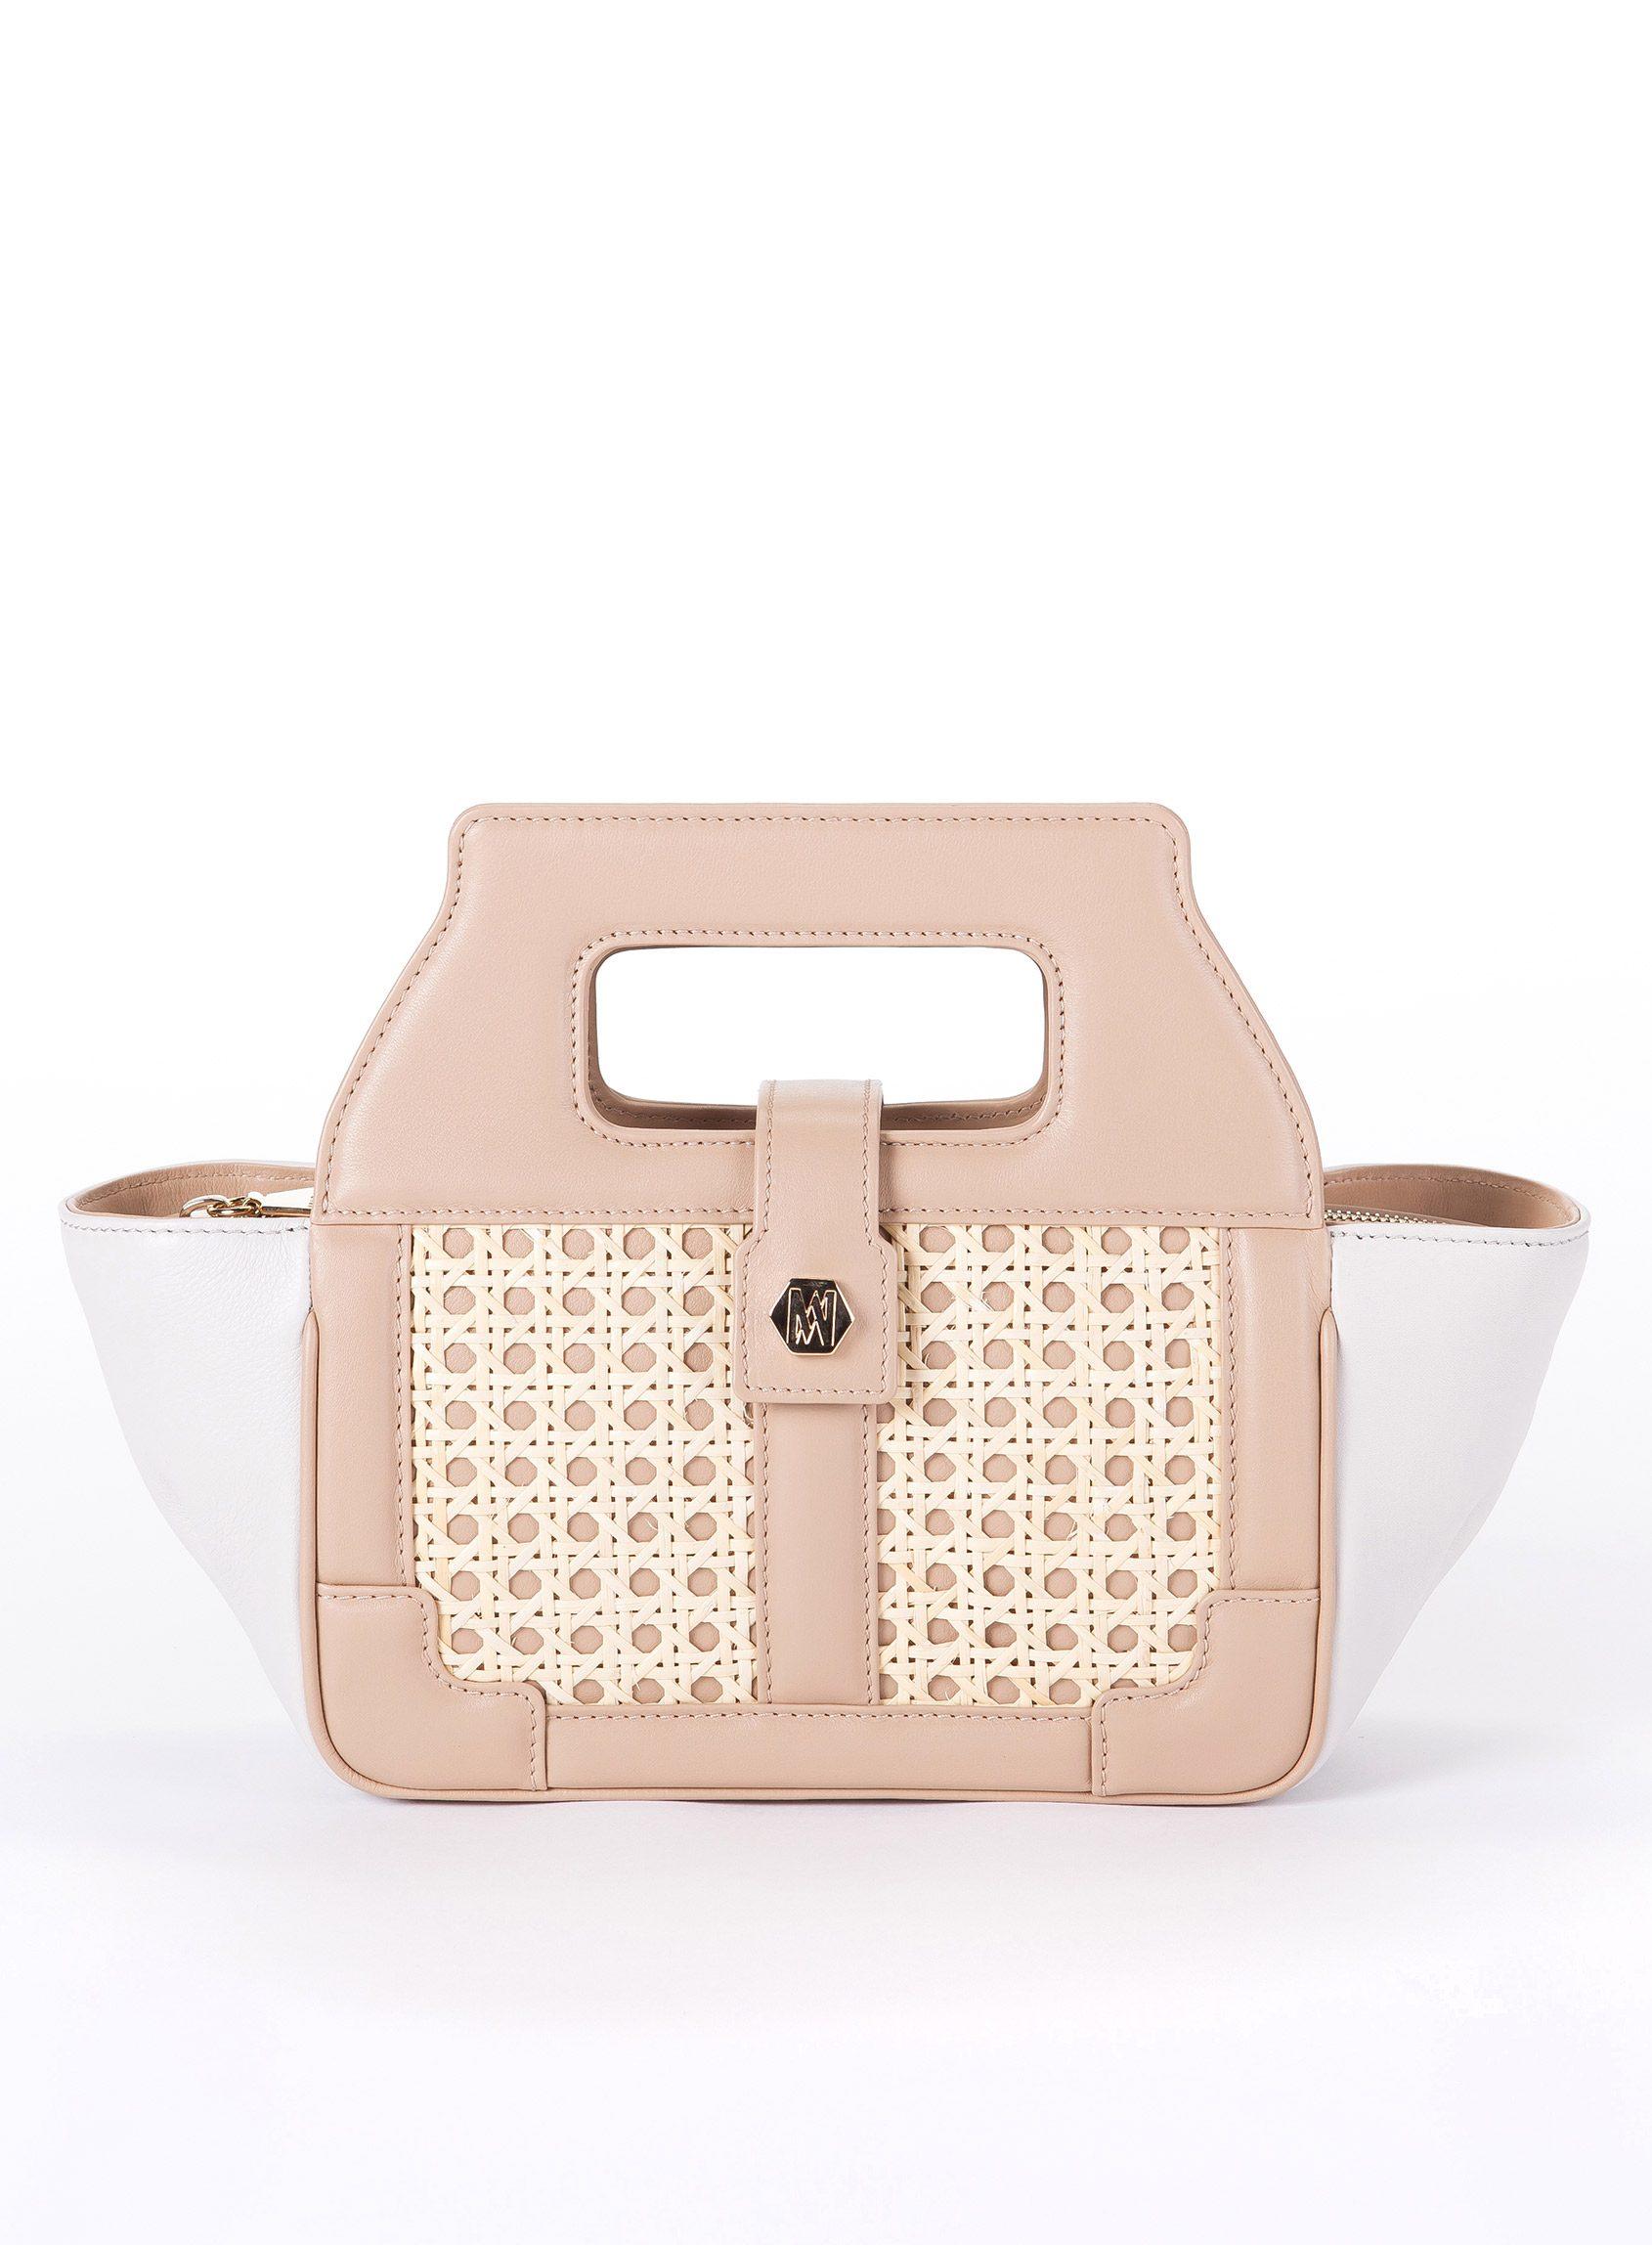 bolso soulmates de la firma de lujo Magalie España. En color rosa combinado con blanco y elaborado con piel de novillo y mimbre natural